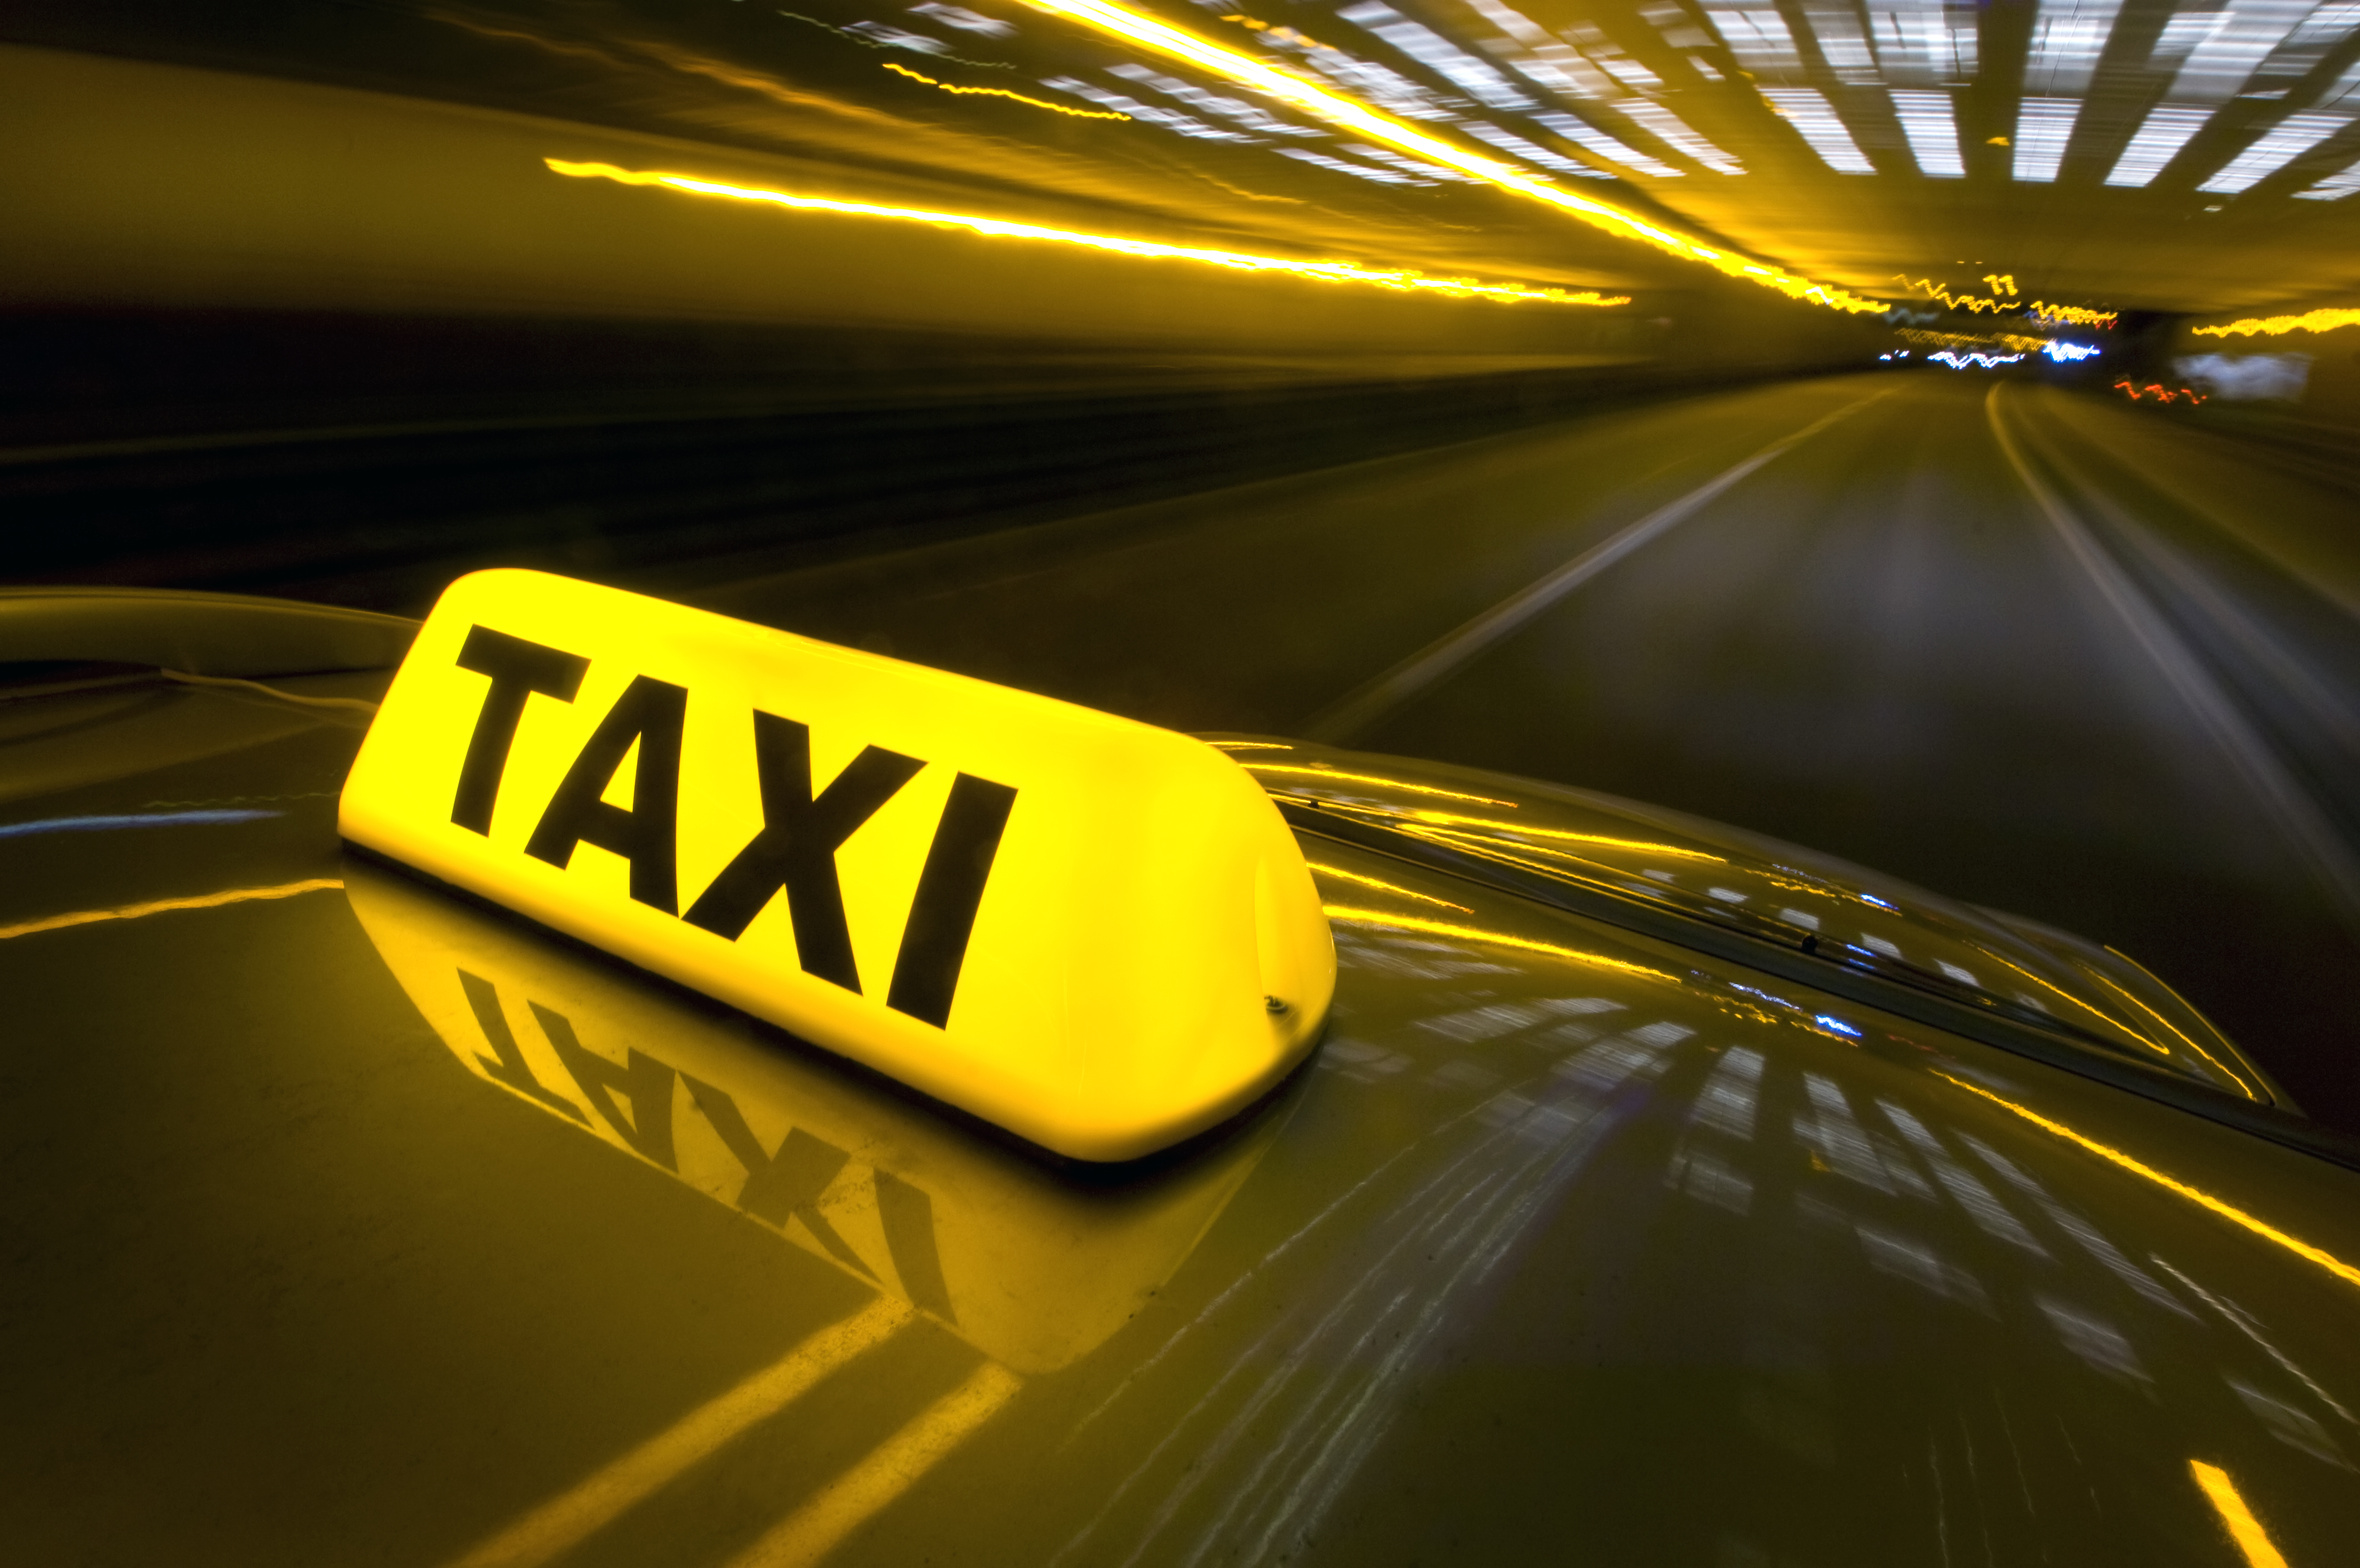 В противовес «Яндекс.Такси», компания «Taxify» проведет акцию помощи семьям погибших военнослужащих